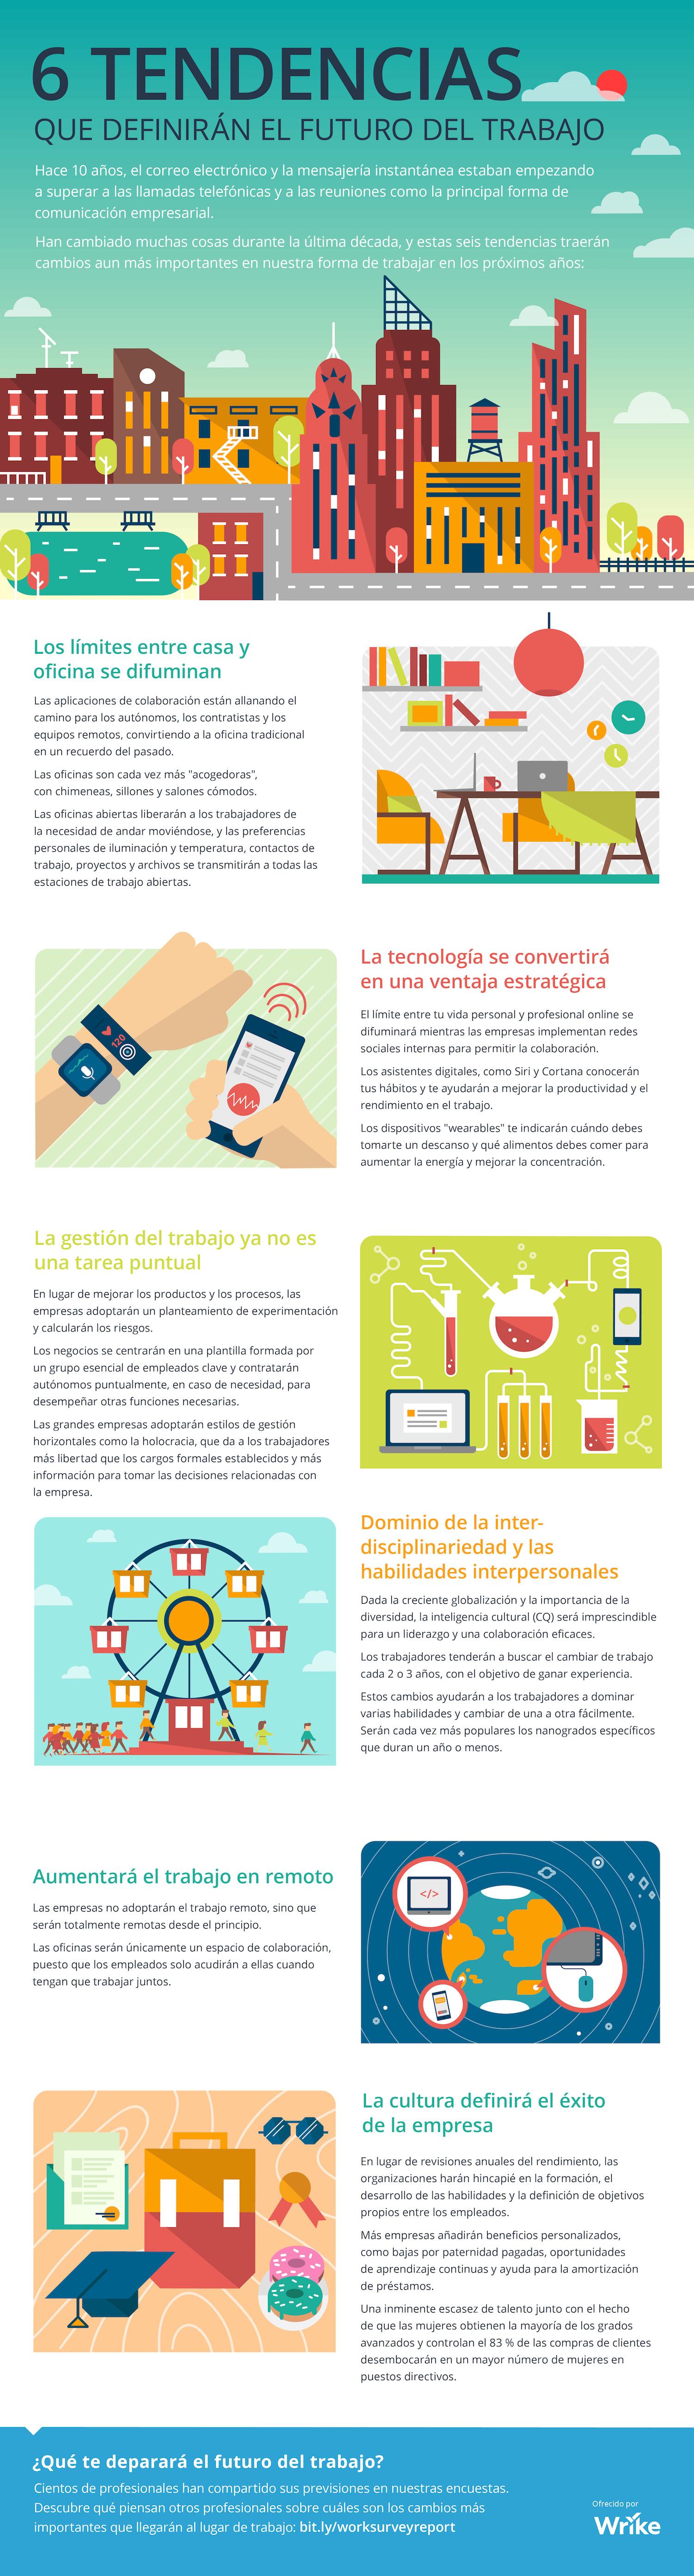 6 tendencias que marcarán el futuro del trabajo #infografia #infographic #empleo